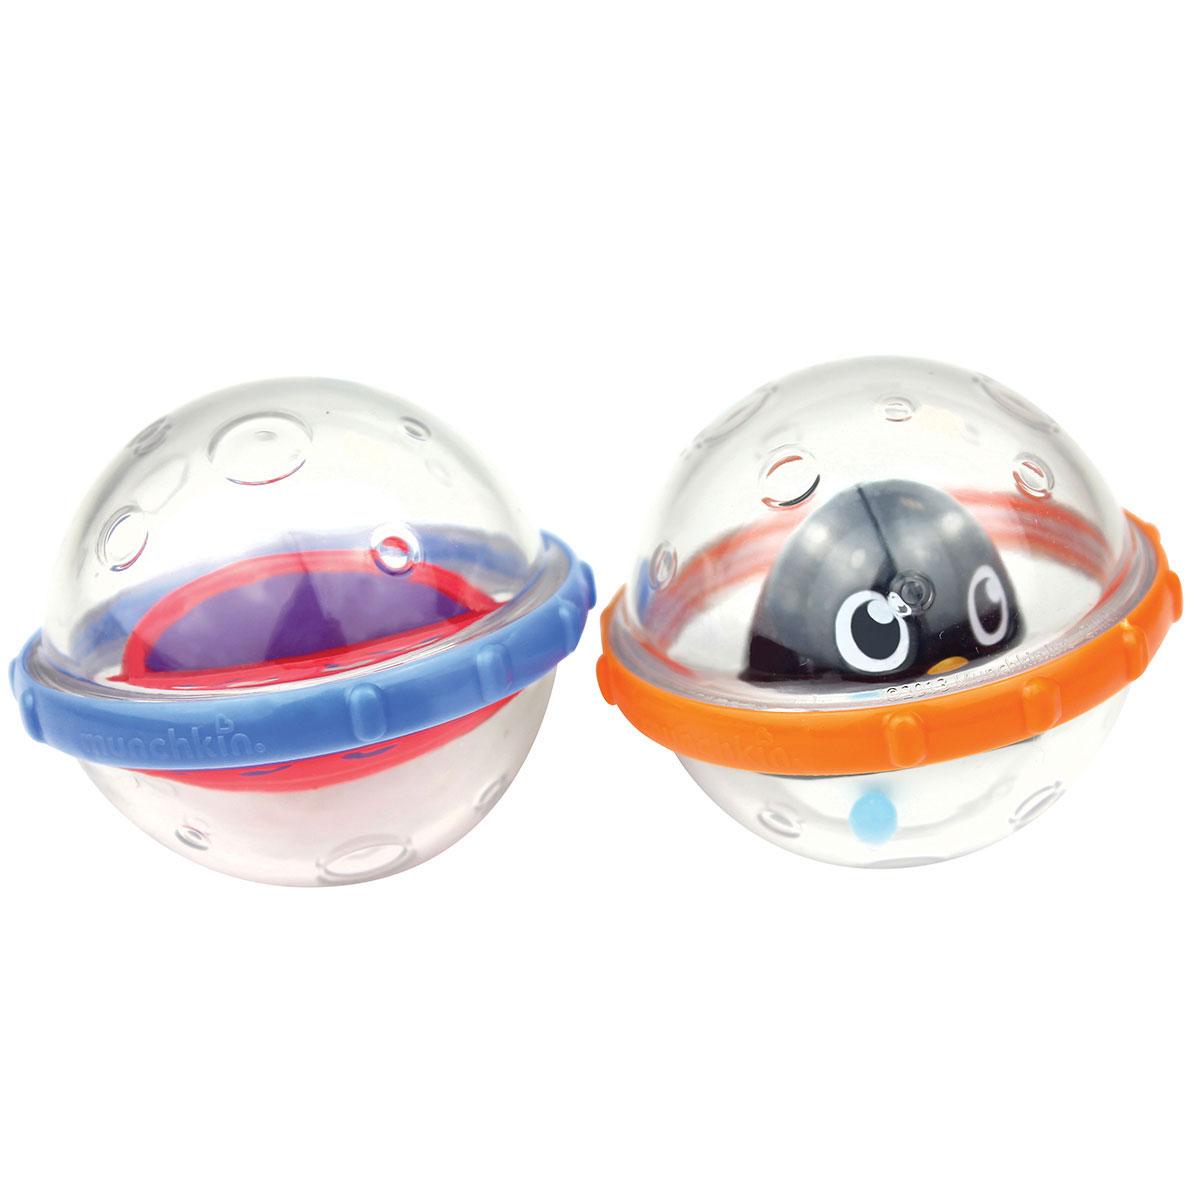 Игровой набор для ванны Munchkin Пузыри-поплавки, цвет: оранжевый, синий11584 NEW_оранжевый, синийИгровой набор для ванны Munchkin Пузыри-поплавки привлечет внимание вашего малыша и превратит купание в веселую игру. Ваш малыш любит погремушки, шарики, вращалки и блестящие вещи? Тогда ему будет очень весело играть с пузырями в ванной. В набор входят два прозрачных шарика, которые прекрасно держатся на воде. Внутри одного пузыря находится милый пингвиненок. Внутри другого пузыря находятся разноцветная вращалка. Игрушки по размеру очень подходят для маленькой детской руки и помогает развивать координацию рук и зрения у ребенка, когда он старается ее рассмотреть, понять, что находится и происходит у нее внутри и встряхивает.